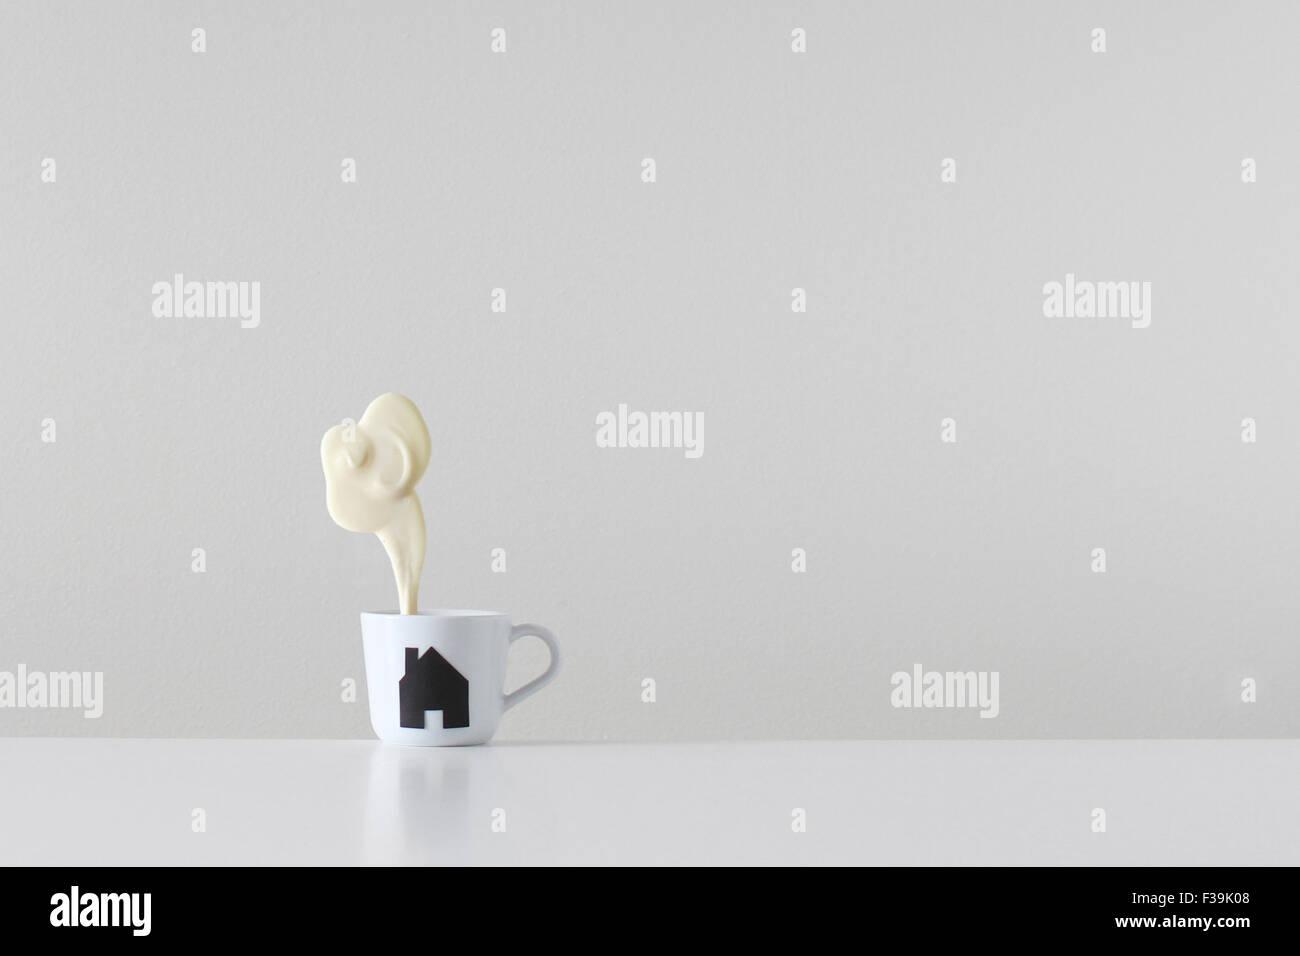 Home Brew gemacht Teetasse mit Haus Silhouette Druck und Dampf aus weißer Schokolade kommt aus dem Schornstein Stockbild